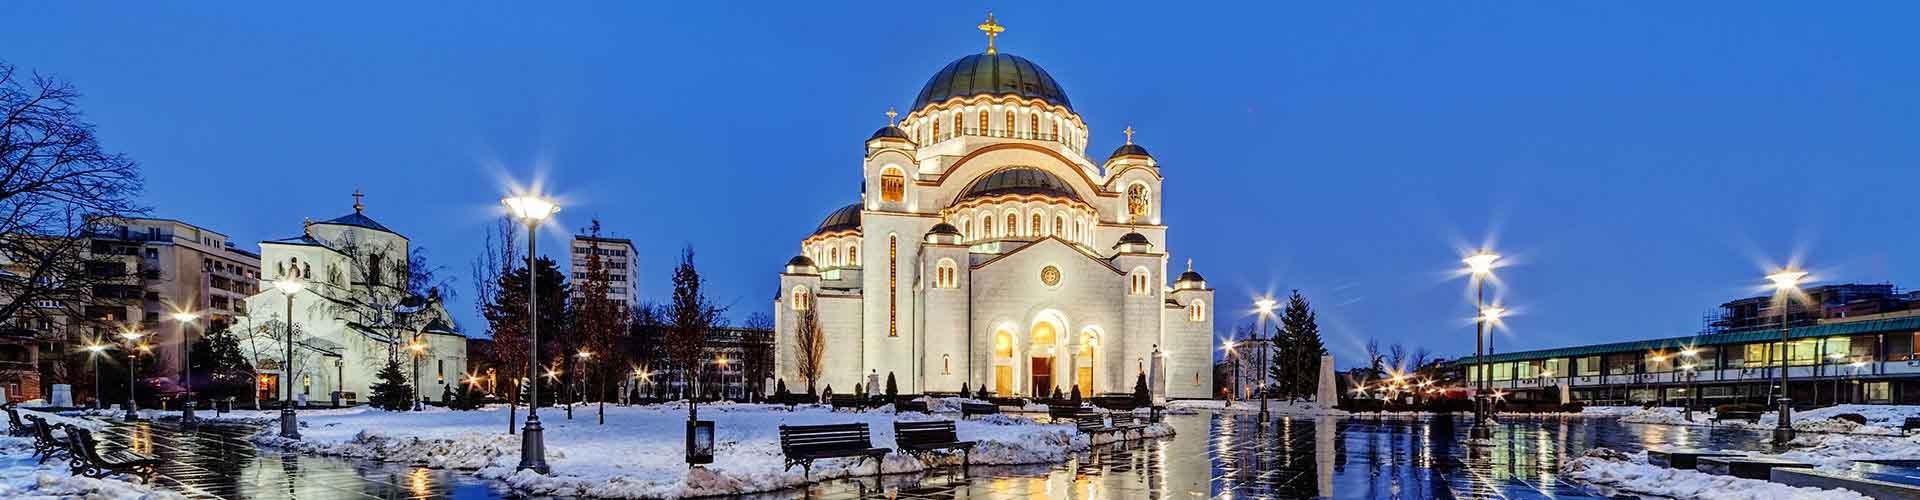 Belgrado - Hoteles baratos en Belgrado. Mapas de Belgrado, Fotos y comentarios de cada Hotel en Belgrado.